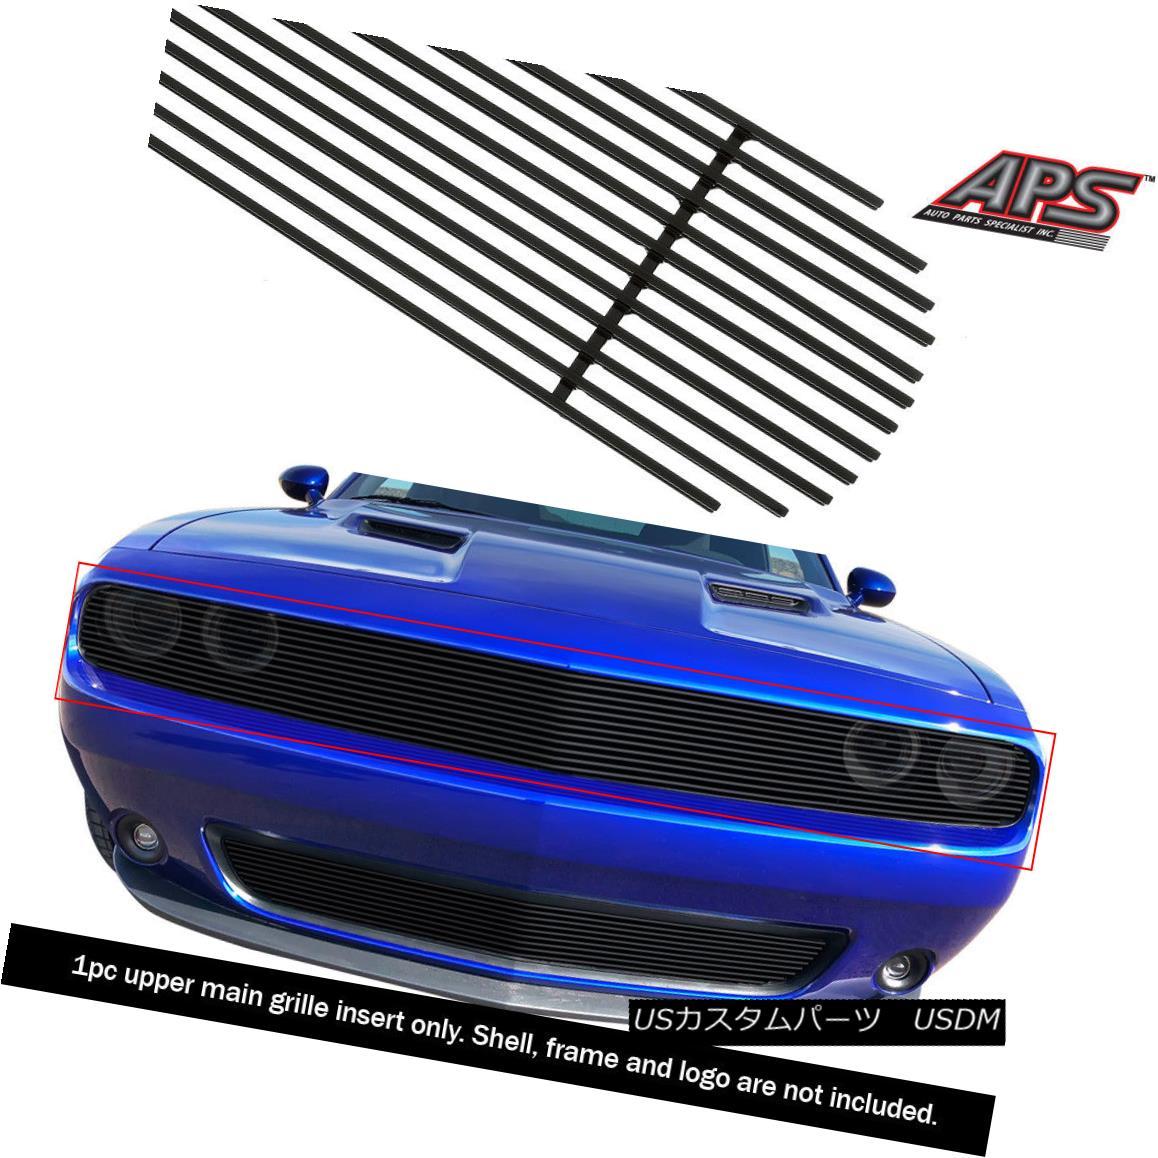 グリル Fits 2015-2018 Dodge Challenger Phantom Black Billet Grille Insert フィット2015-2018ダッジチャレンジャーファントムブラックビレットグリルインサート